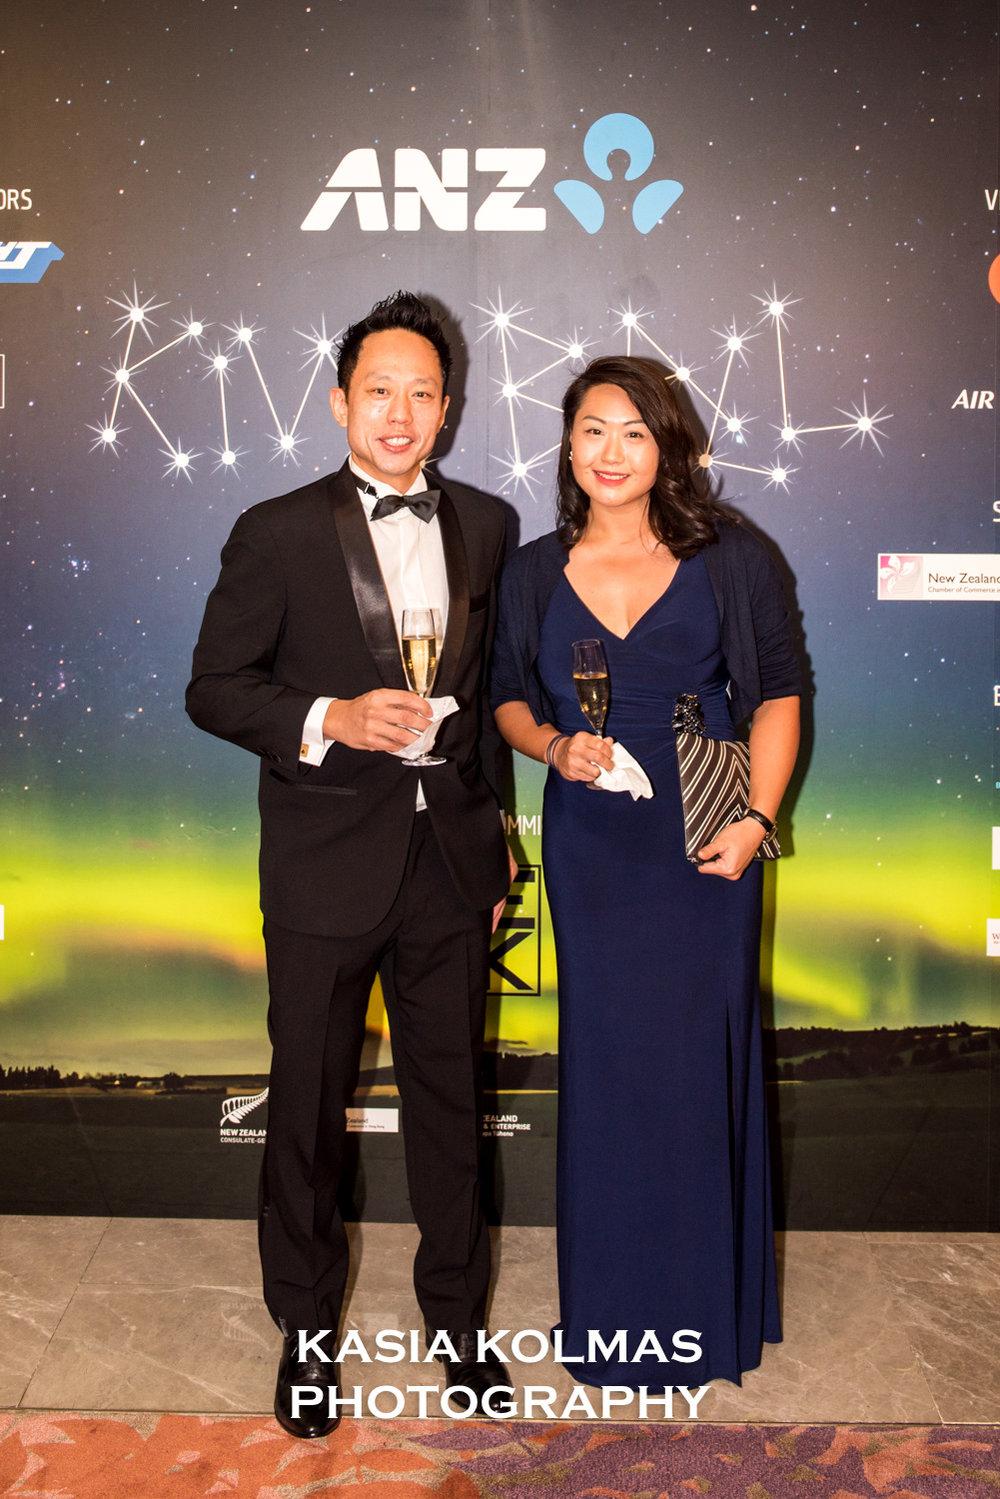 0181 - ANZ Kiwi Ball 2018